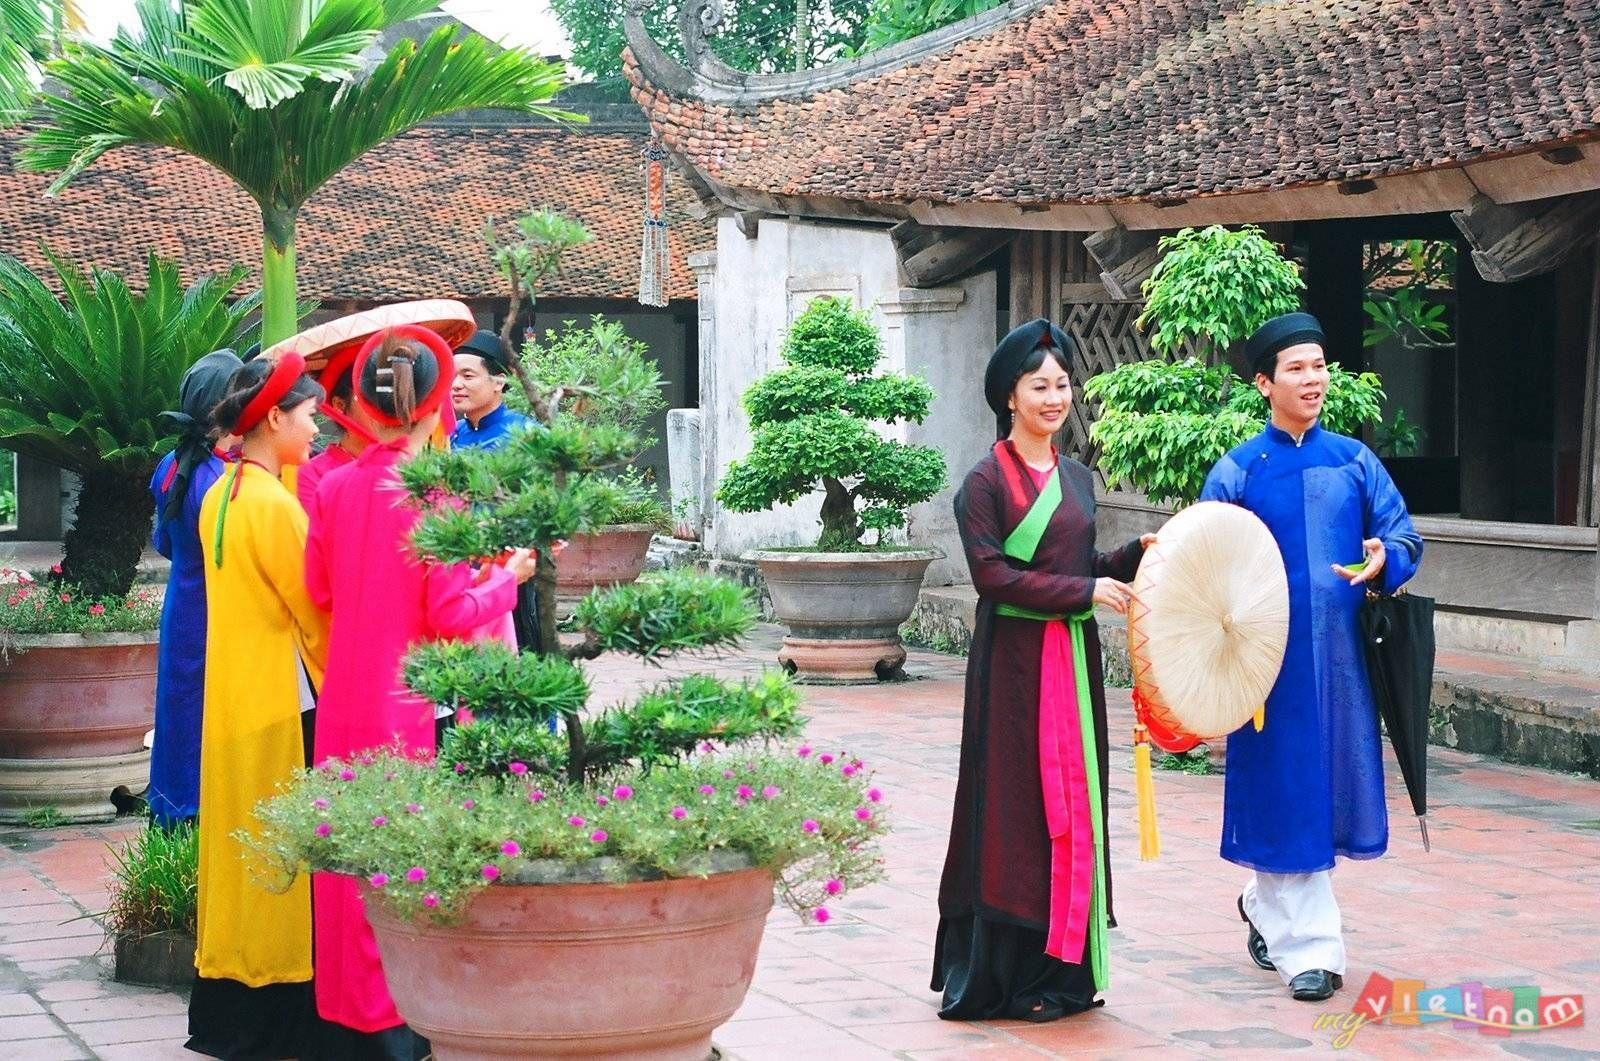 Quan-Ho-Bac-Ninh-Folk-Songs (11)